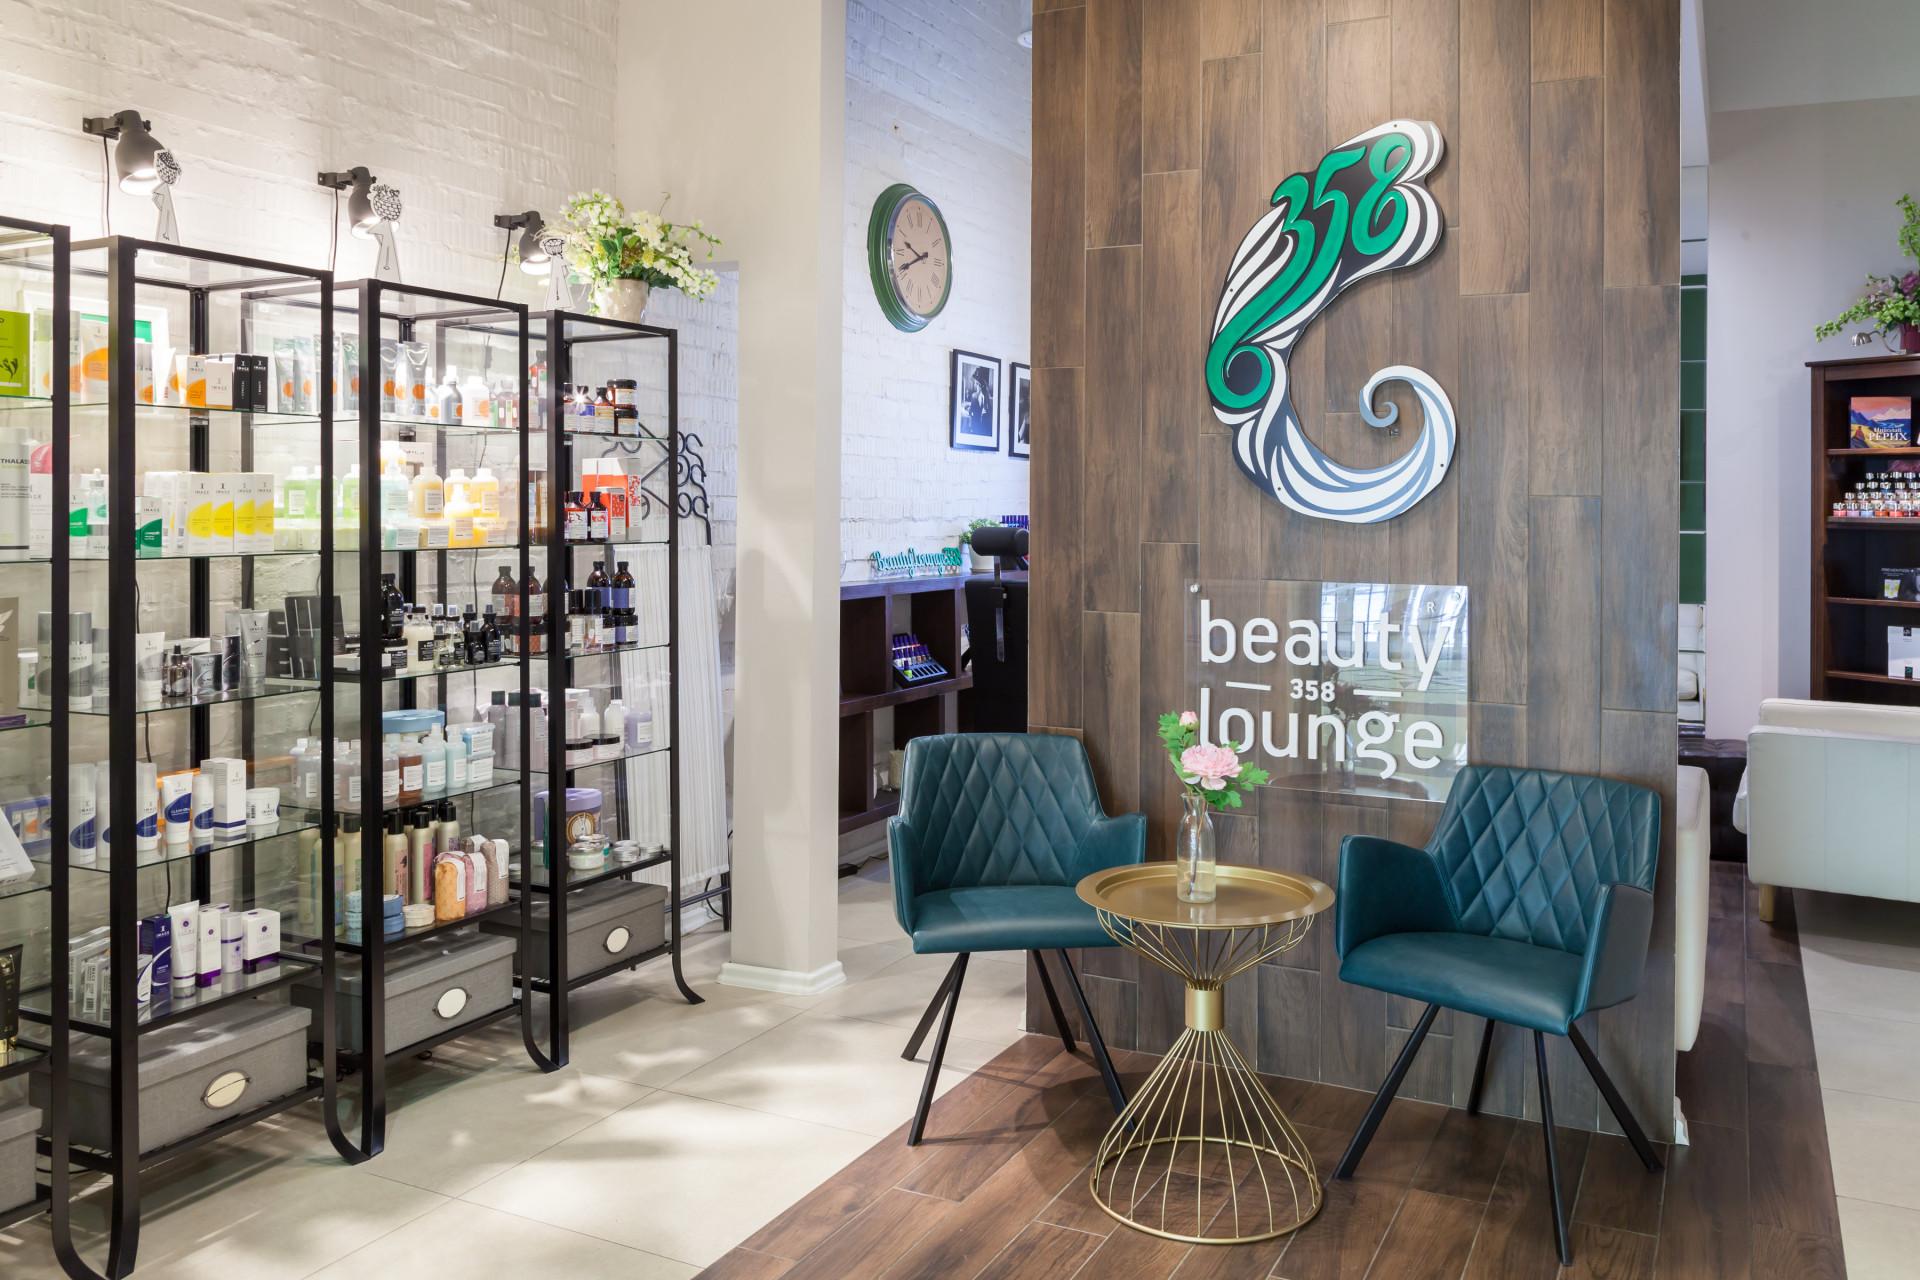 Салон красоты Beauty Lounge 358